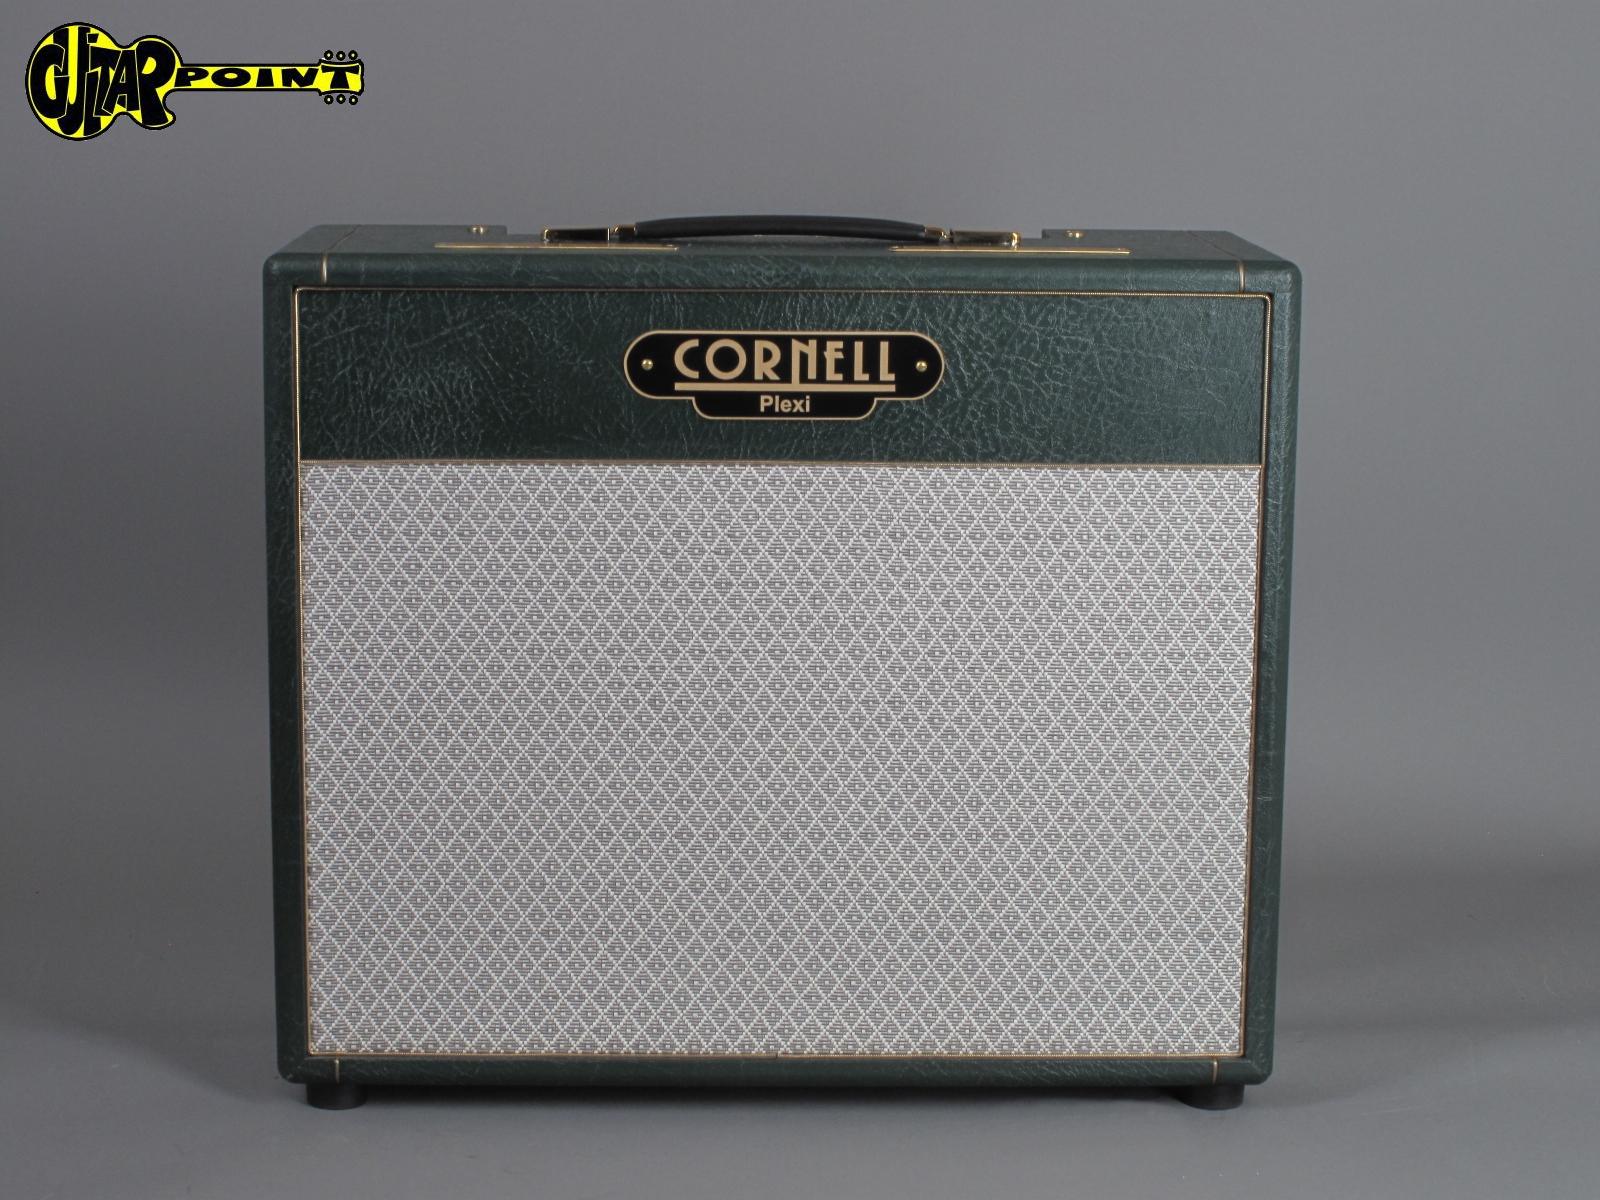 """Cornell DC Plexi 18/20 Combo - 2x10"""" Celestion G10 Gold AlNiCo"""